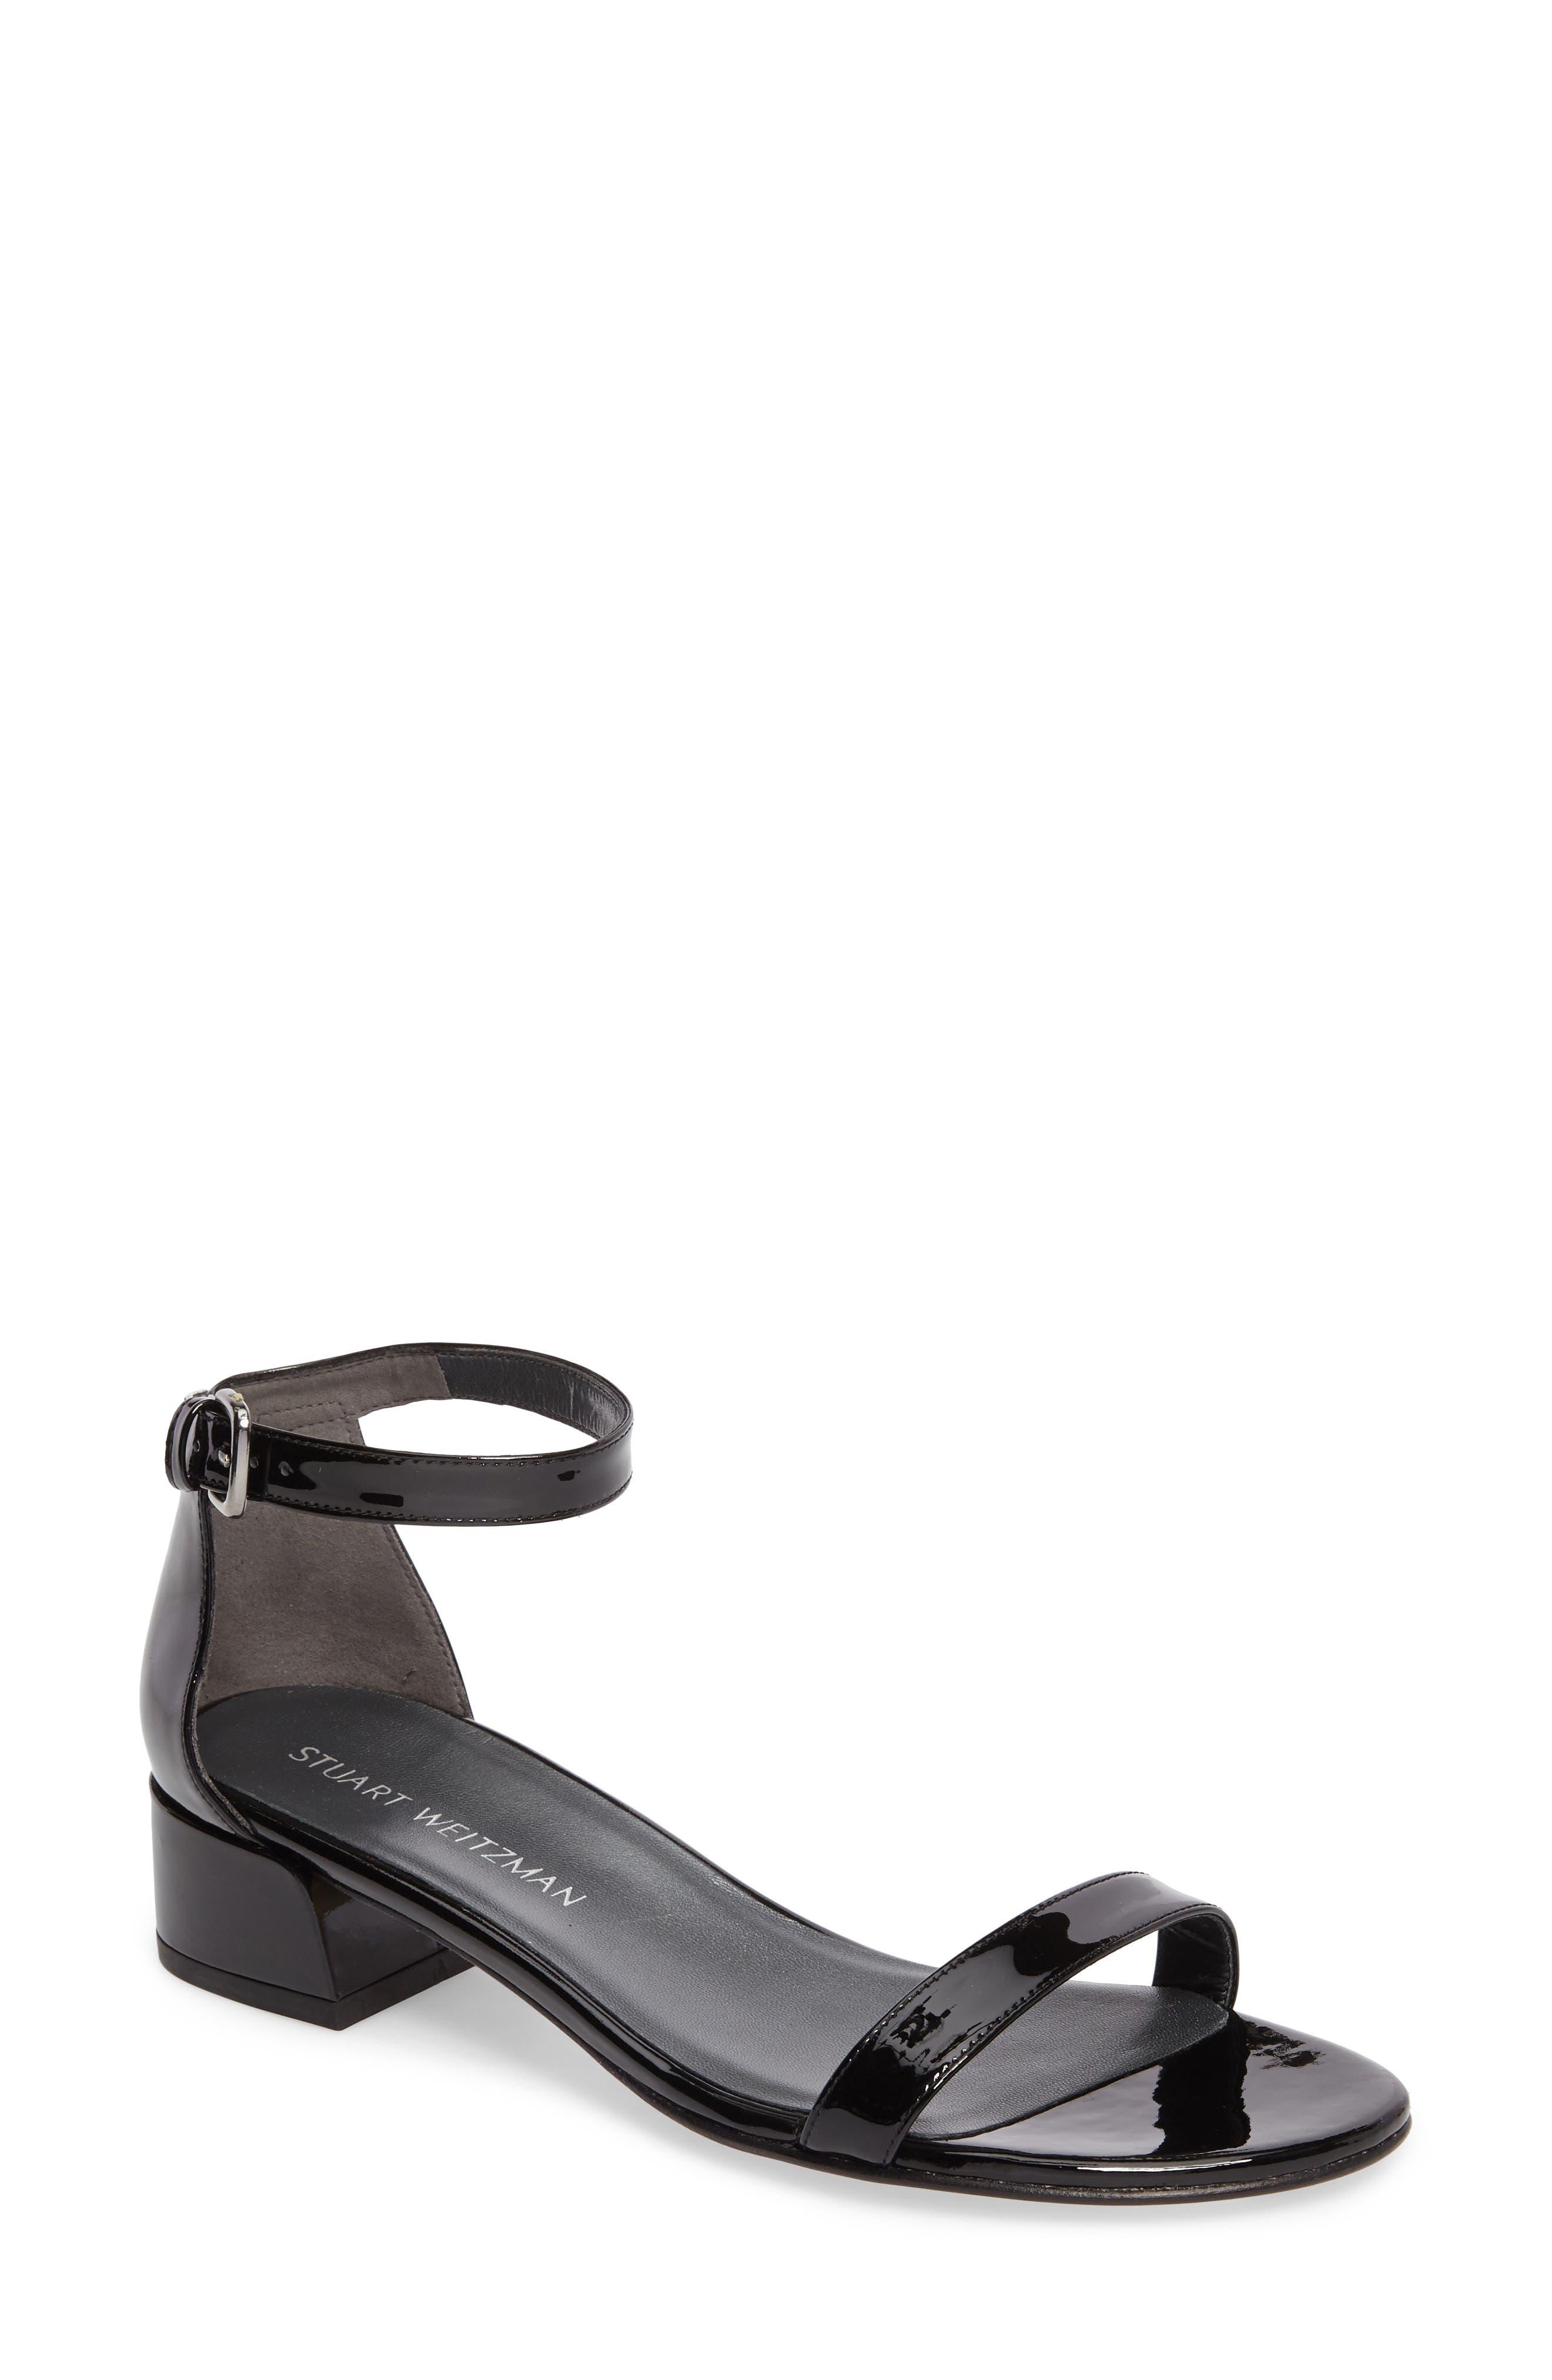 NudistJune Block Heel Sandal,                             Main thumbnail 1, color,                             Black Patent